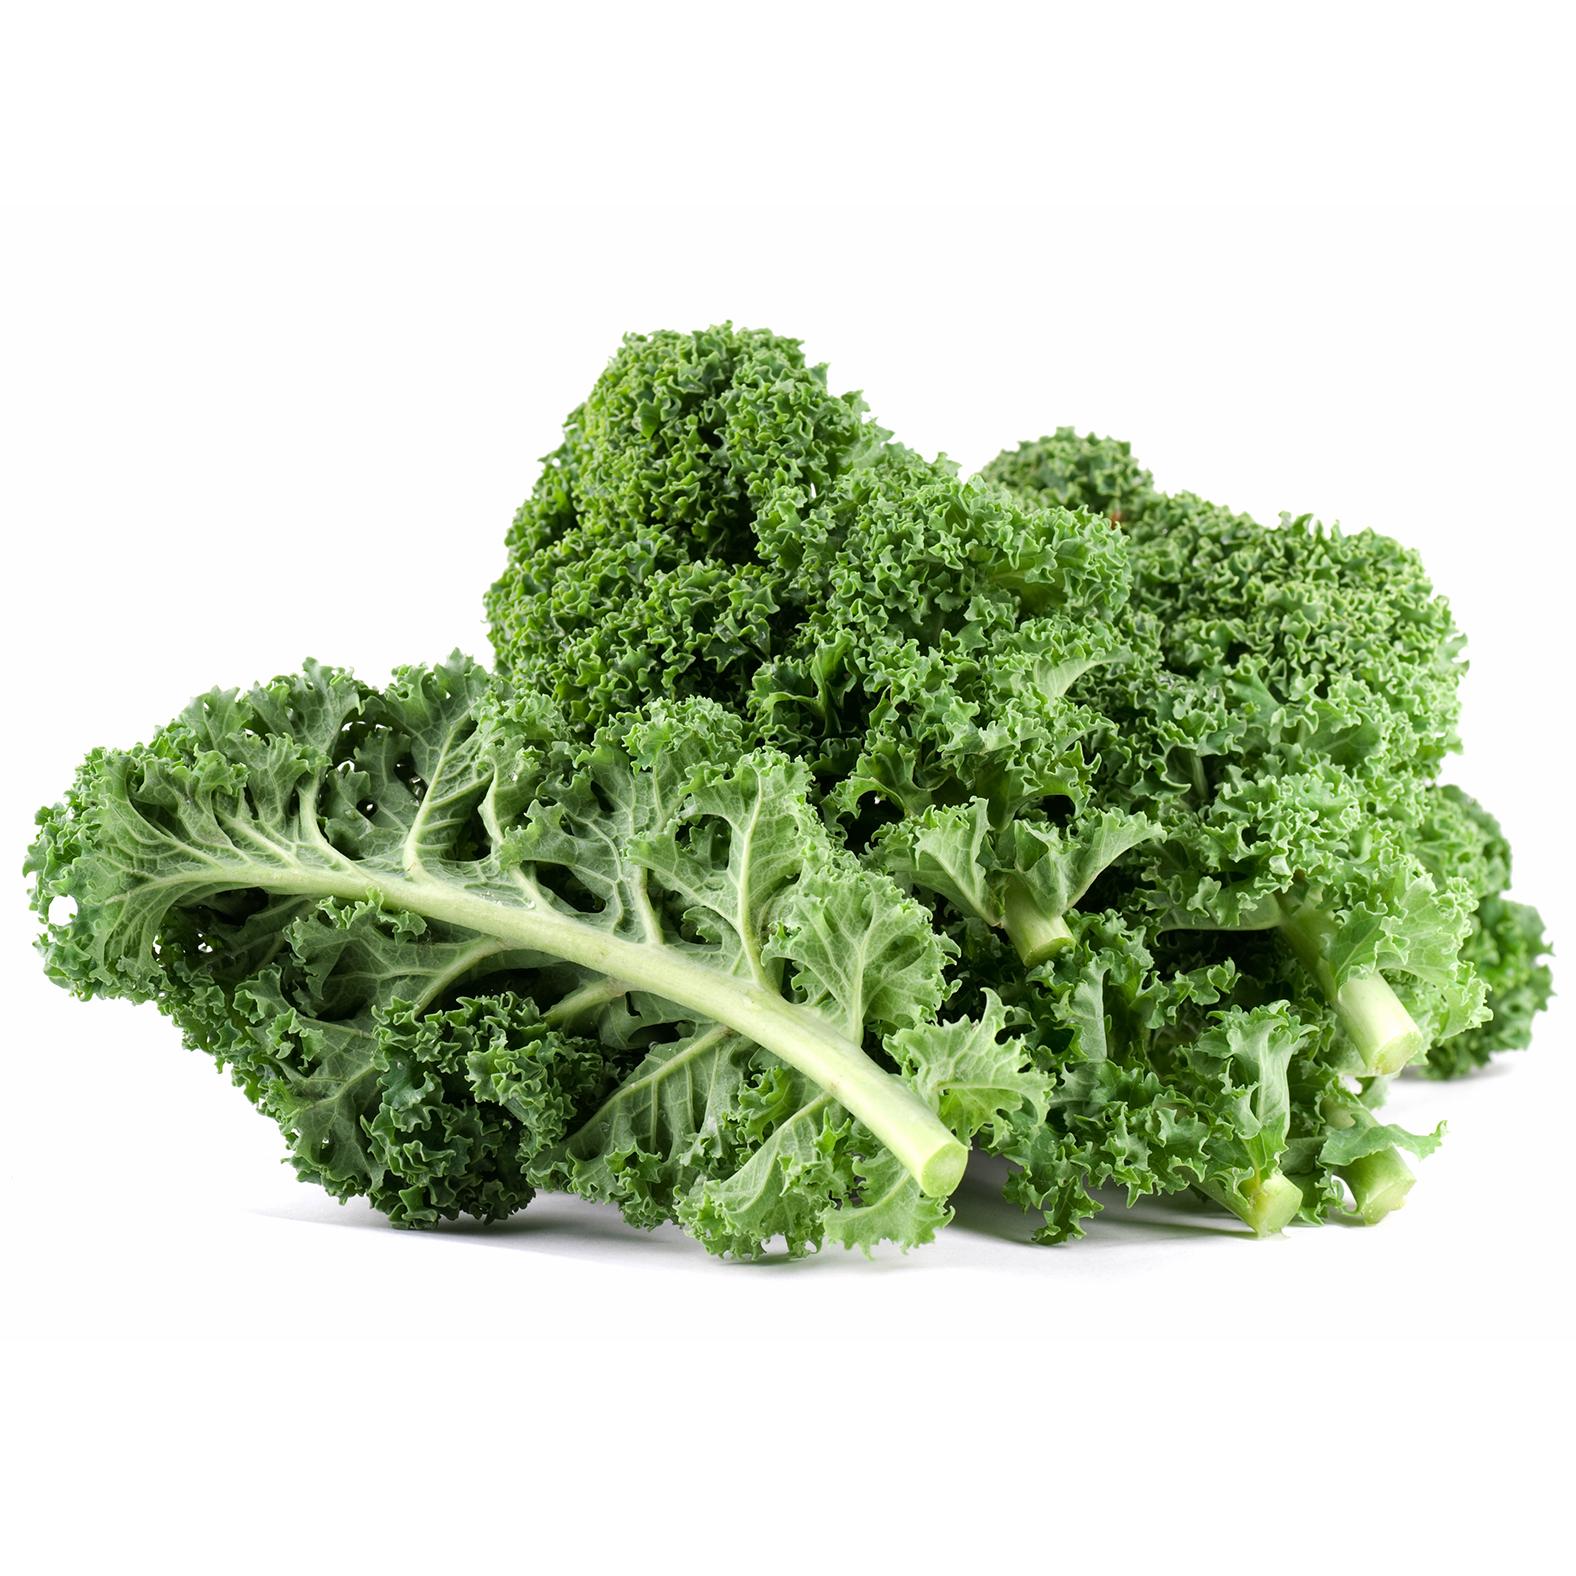 mocu-organic-kale-powder-detail.jpg